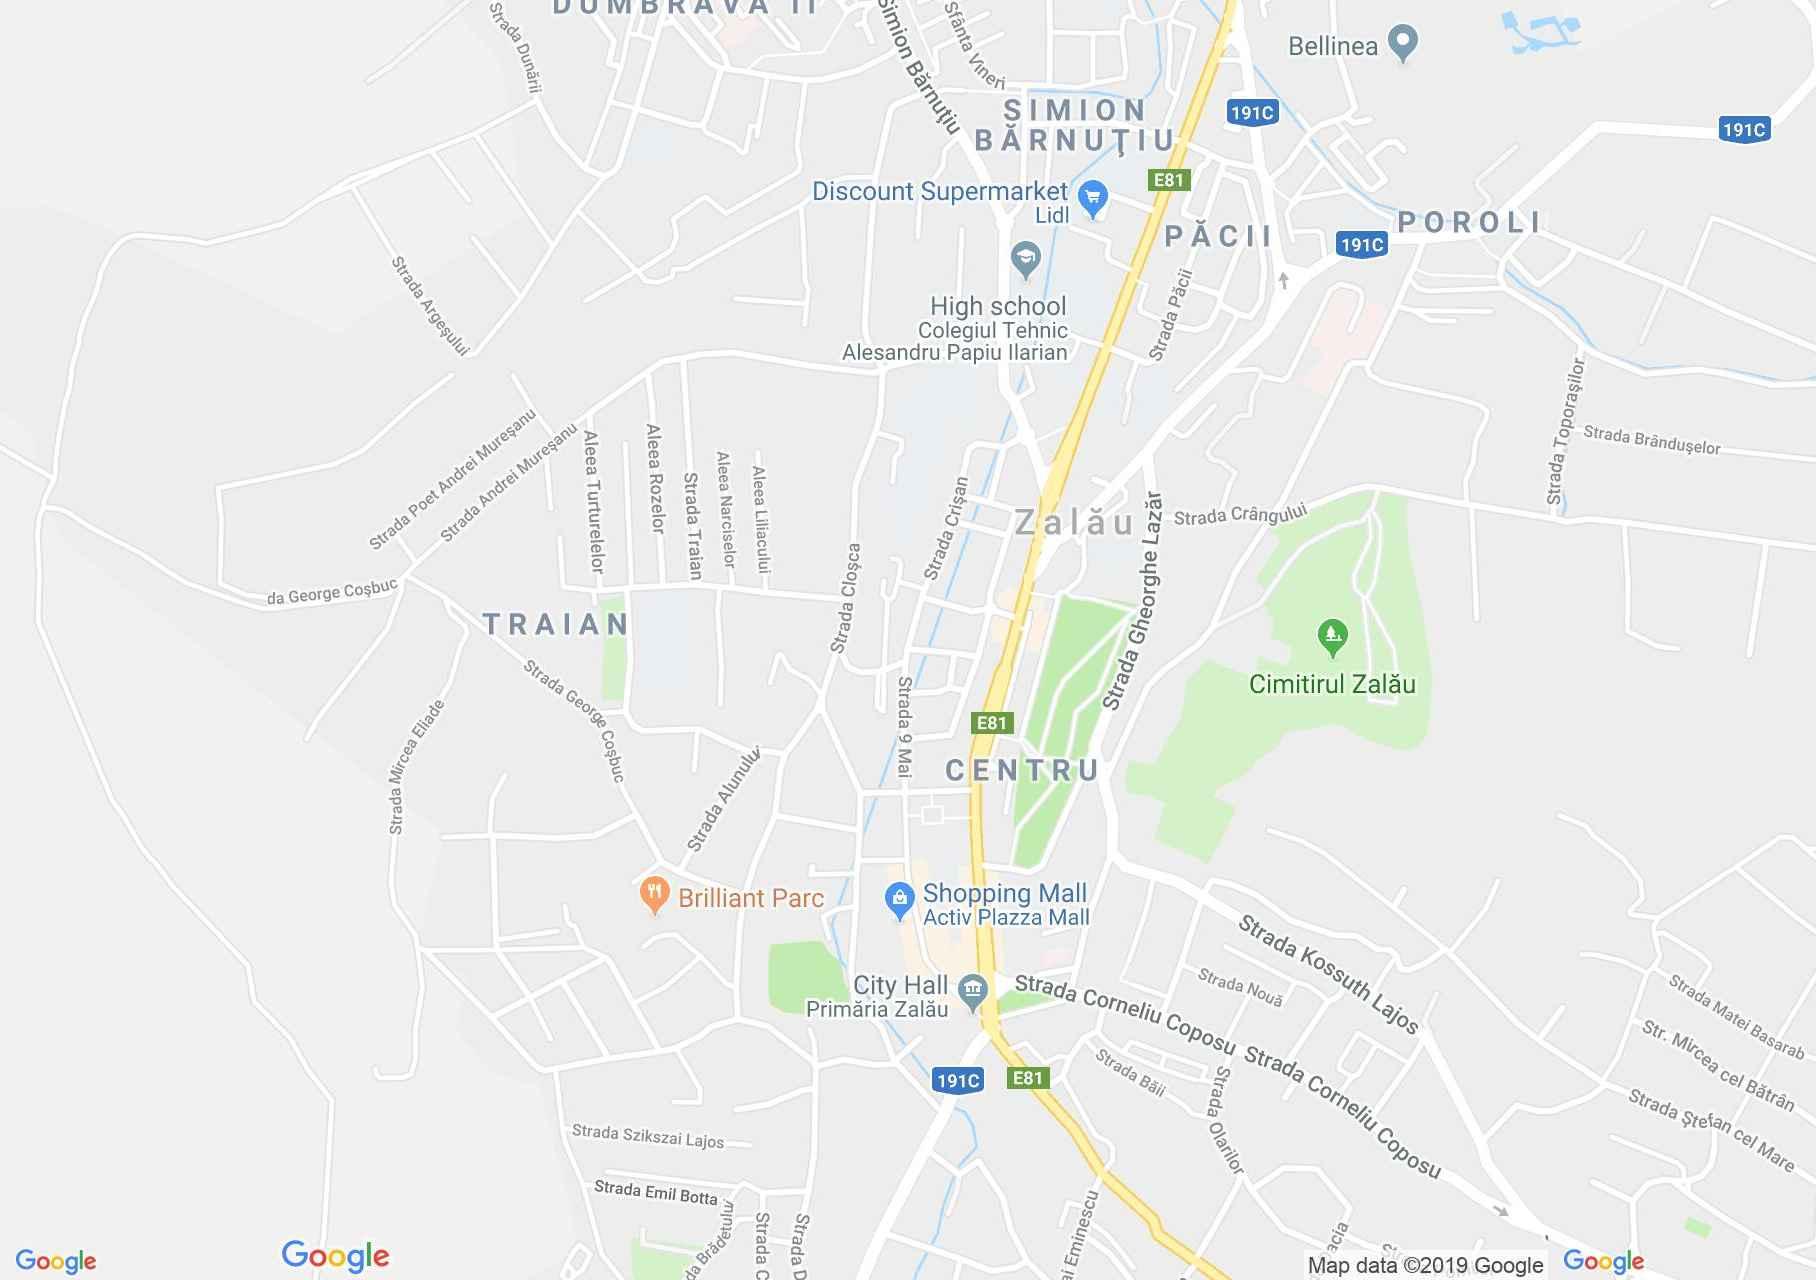 Zilah: Iparos egylet kaszinója, Történelmi múzeum (térkép)